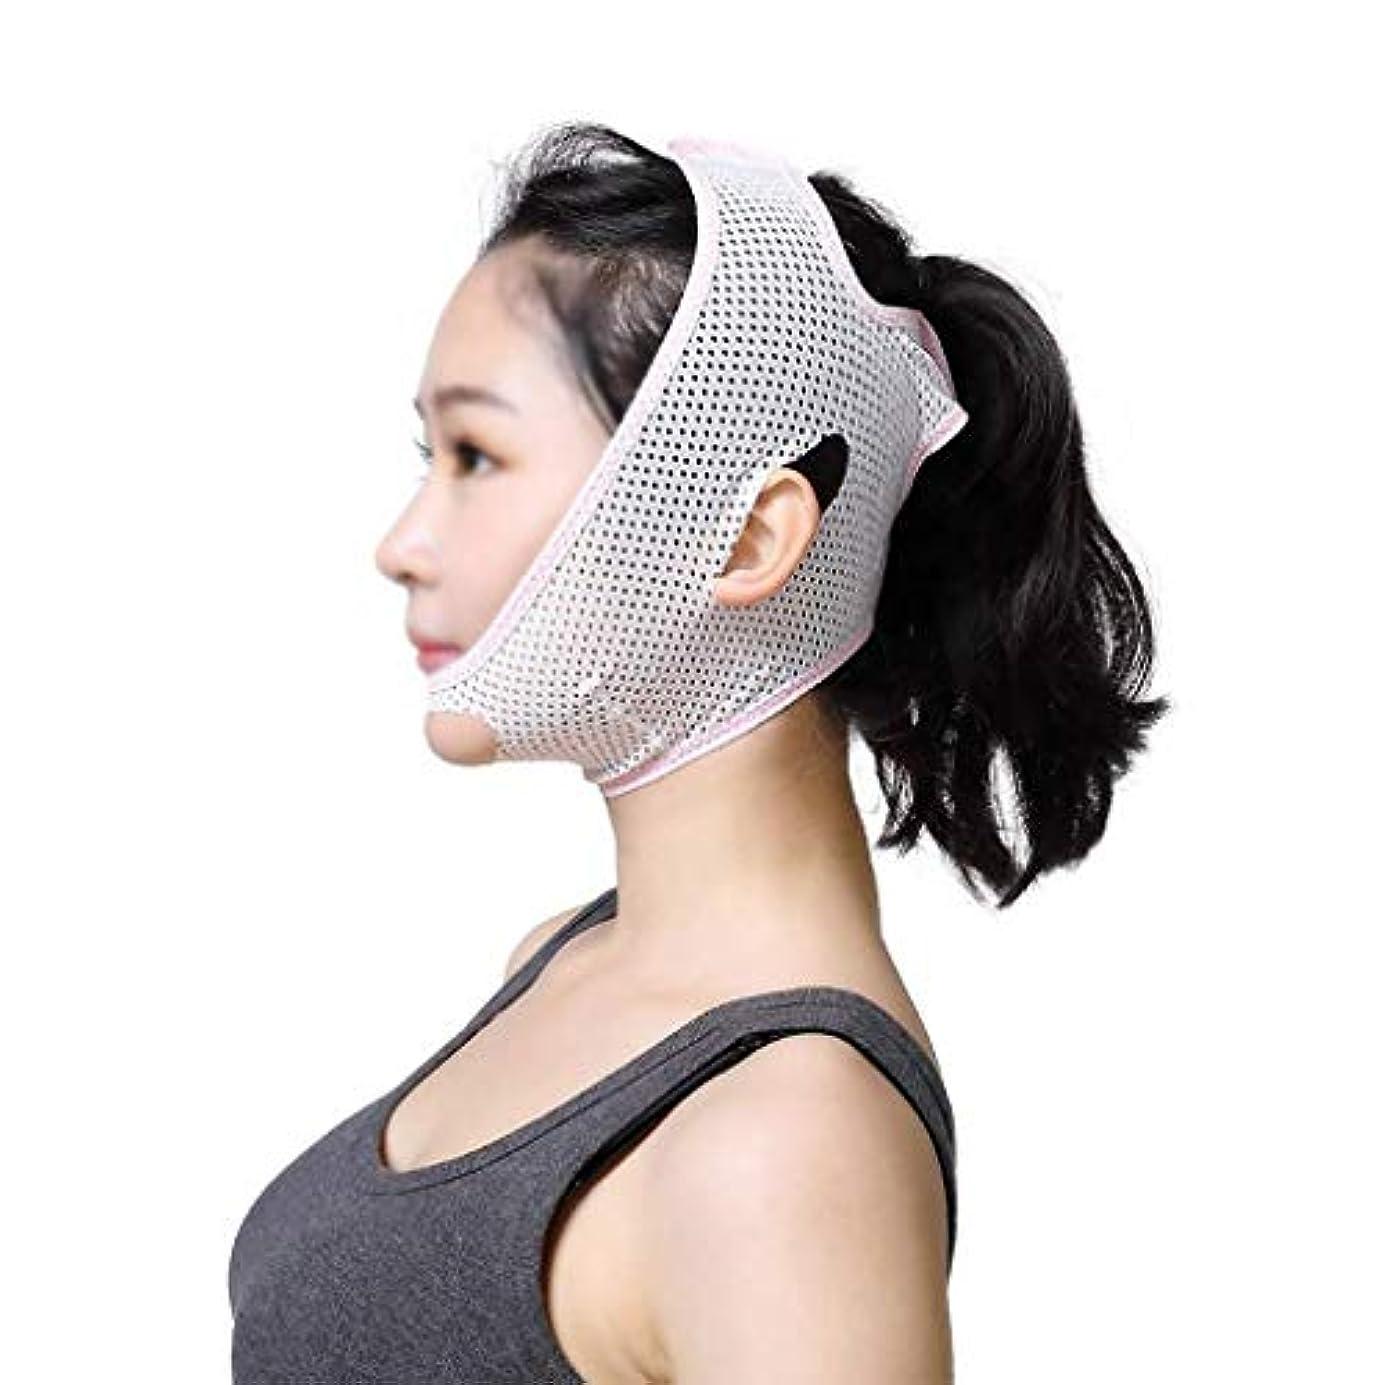 サリー伝導率助言チンストラップ フェイスリフトアーティファクト睡眠包帯ラインカービングポストフェイスビューティーマスクとダブルチン男性と女性のフェイスリフトフェイシャル(サイズ:M)